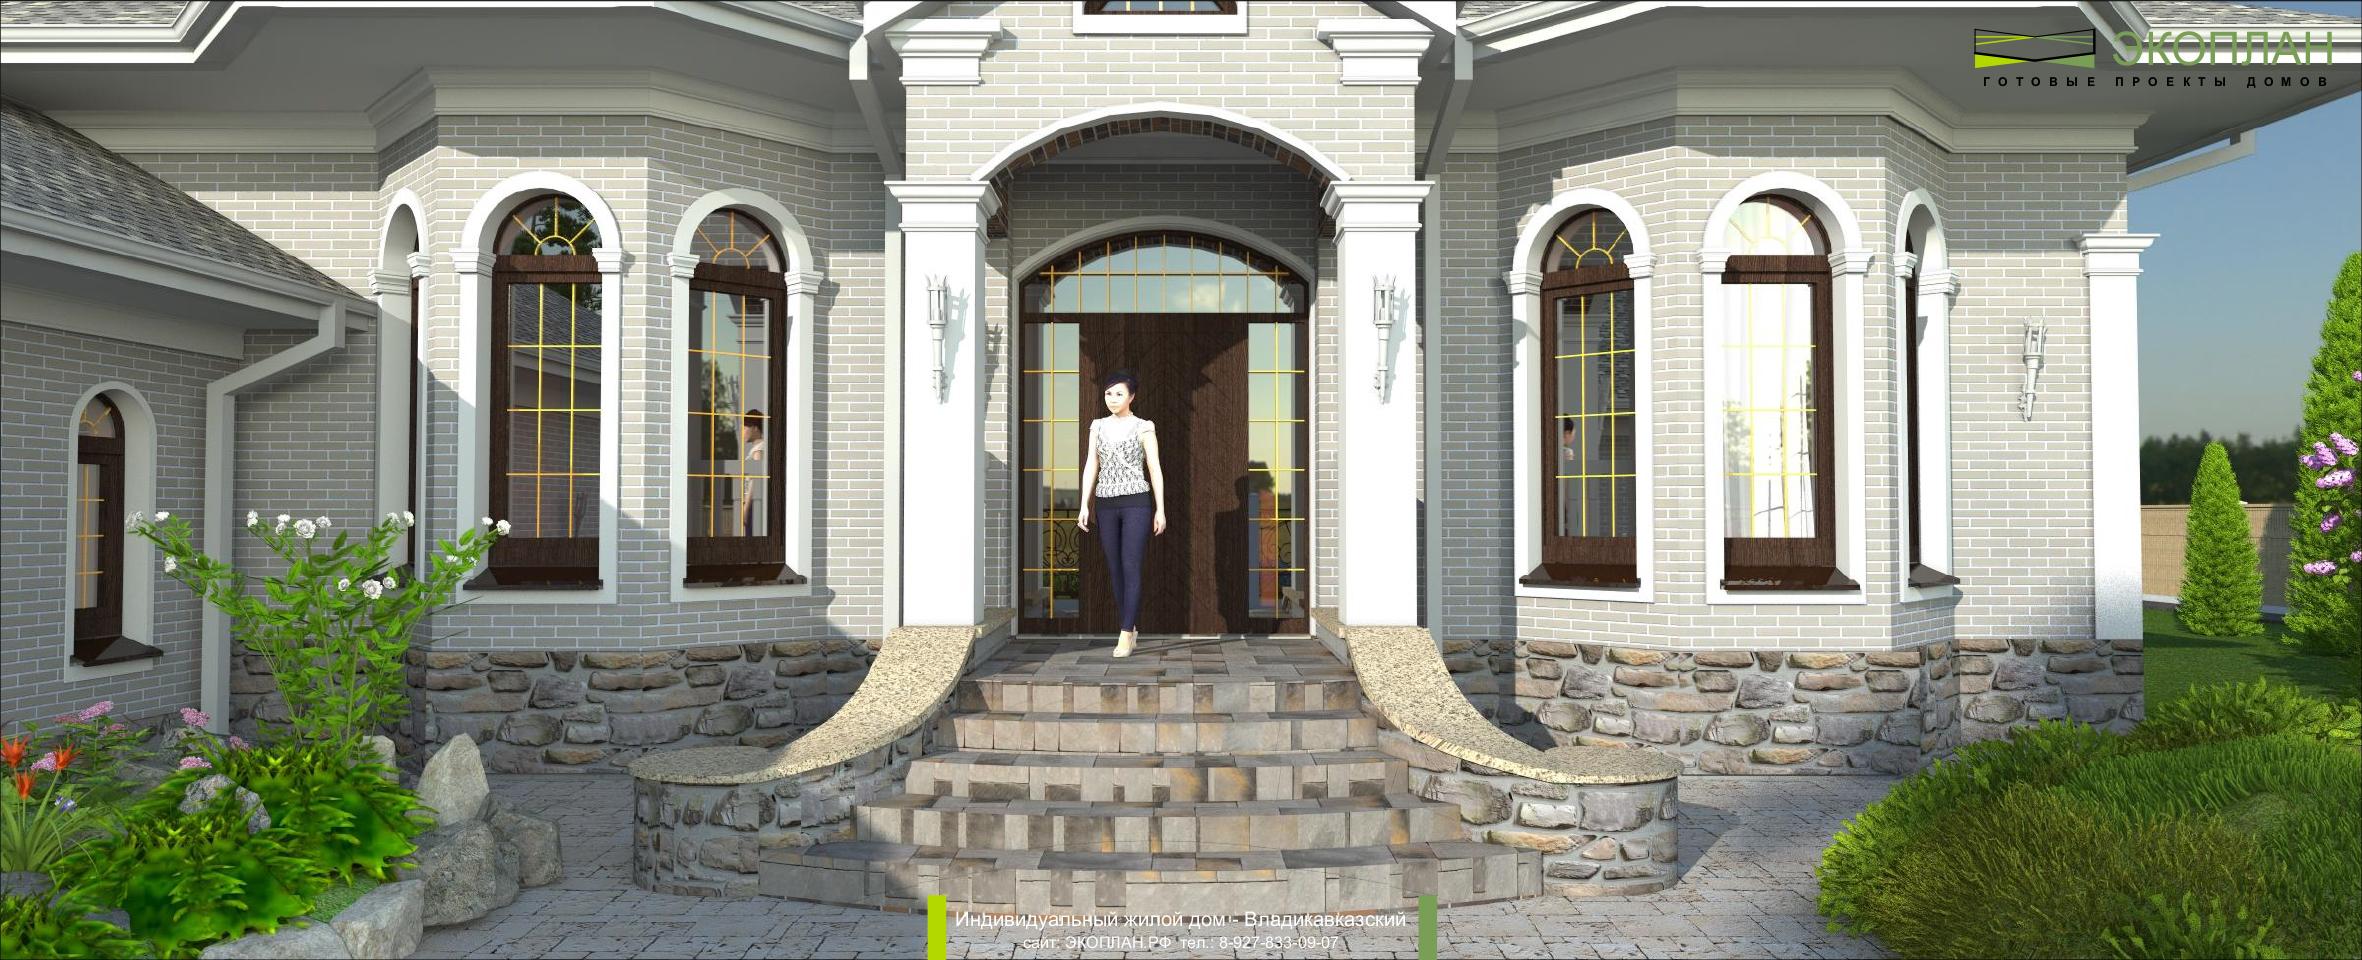 Владикавказский - Готовый проект дома - Экоплан.рф фасад